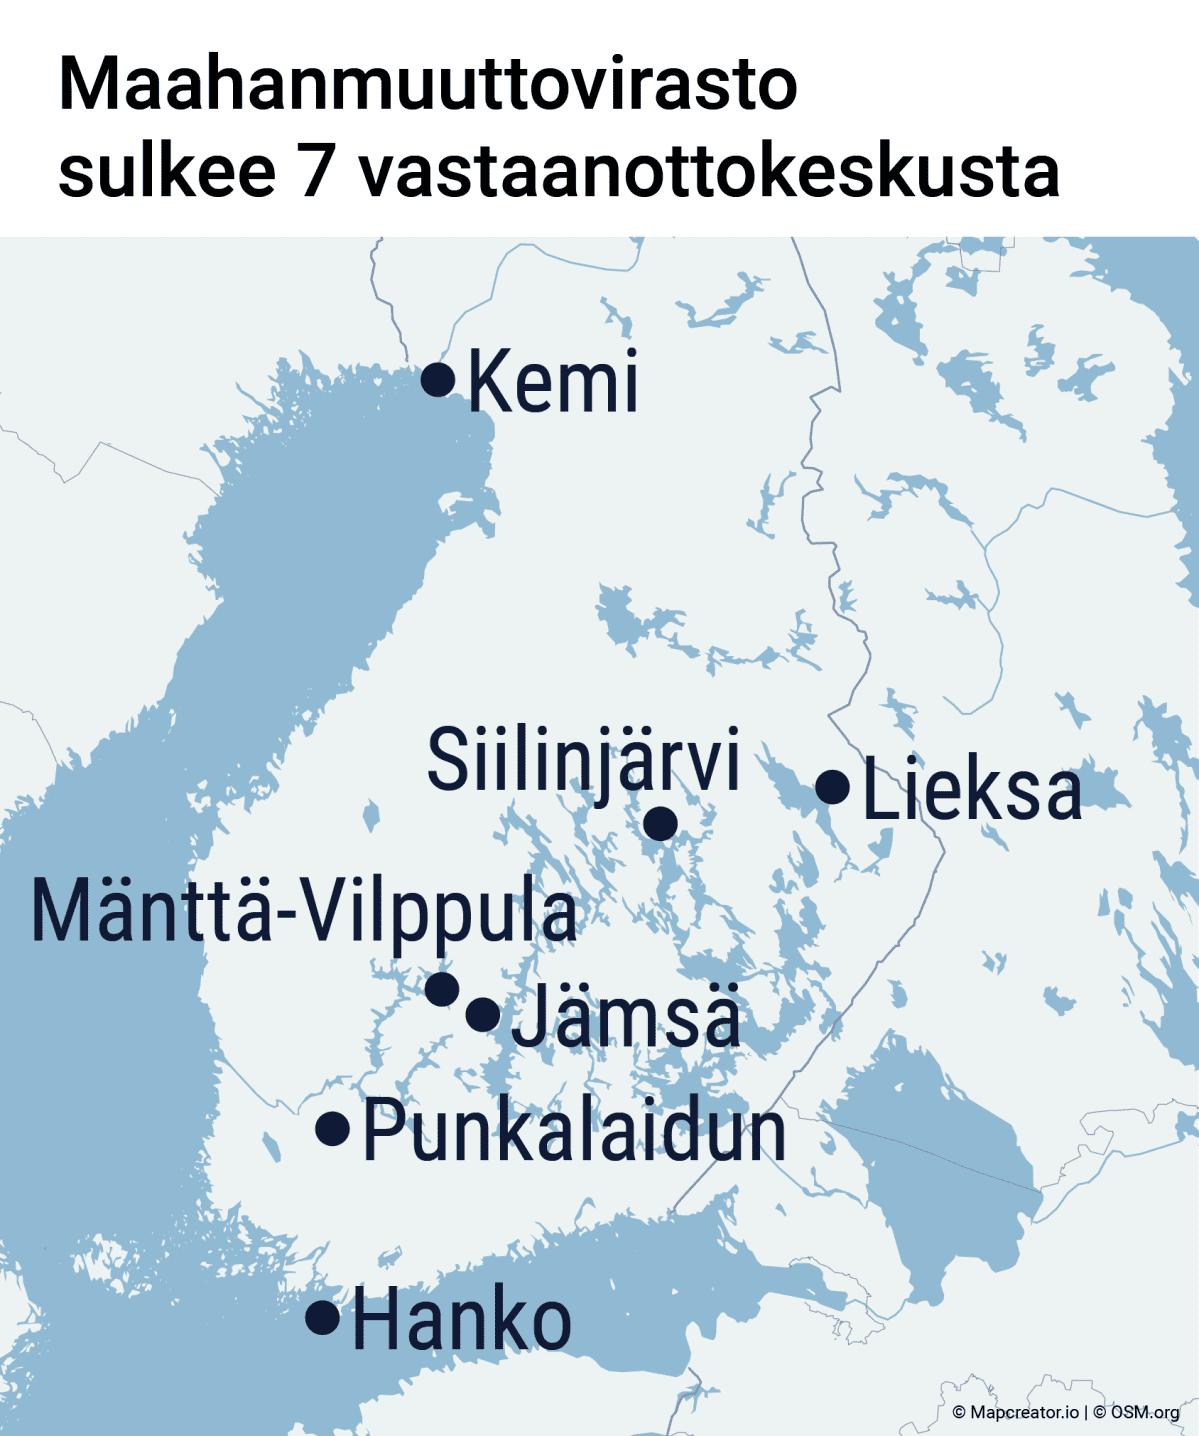 Maahanmuuttovirasto sulkee 7 vastaanottokeskusta: Kemin, Siilinjärven, Lieksan, Mänttä-Vilppulan, Jämsän, Punkalaitumen ja Hangon vastaanottokeskukset.